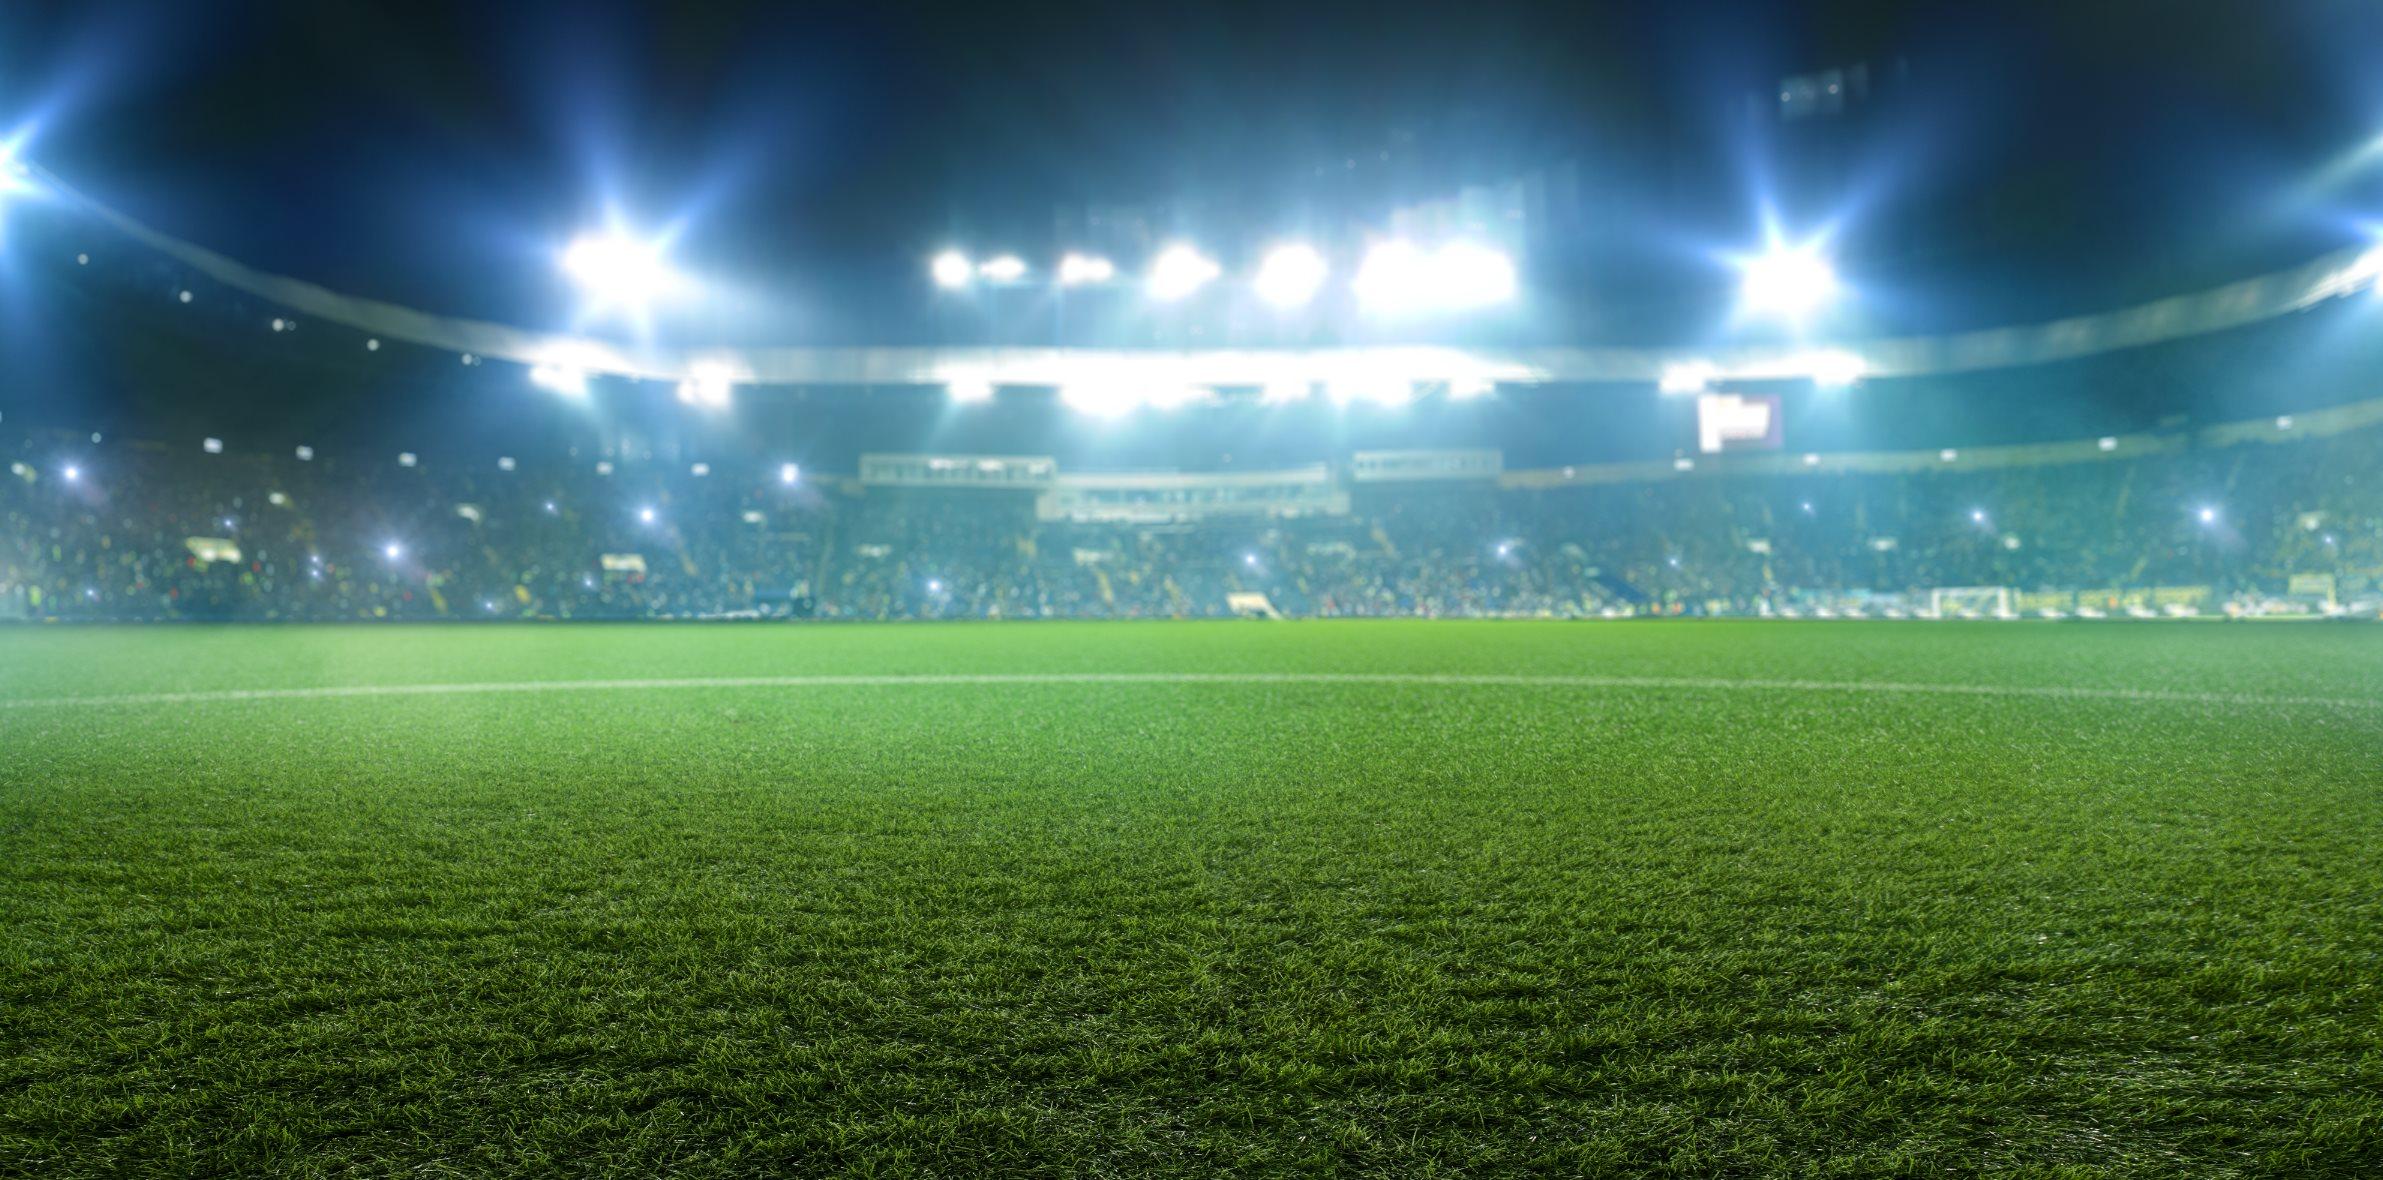 Camp Futbol Club